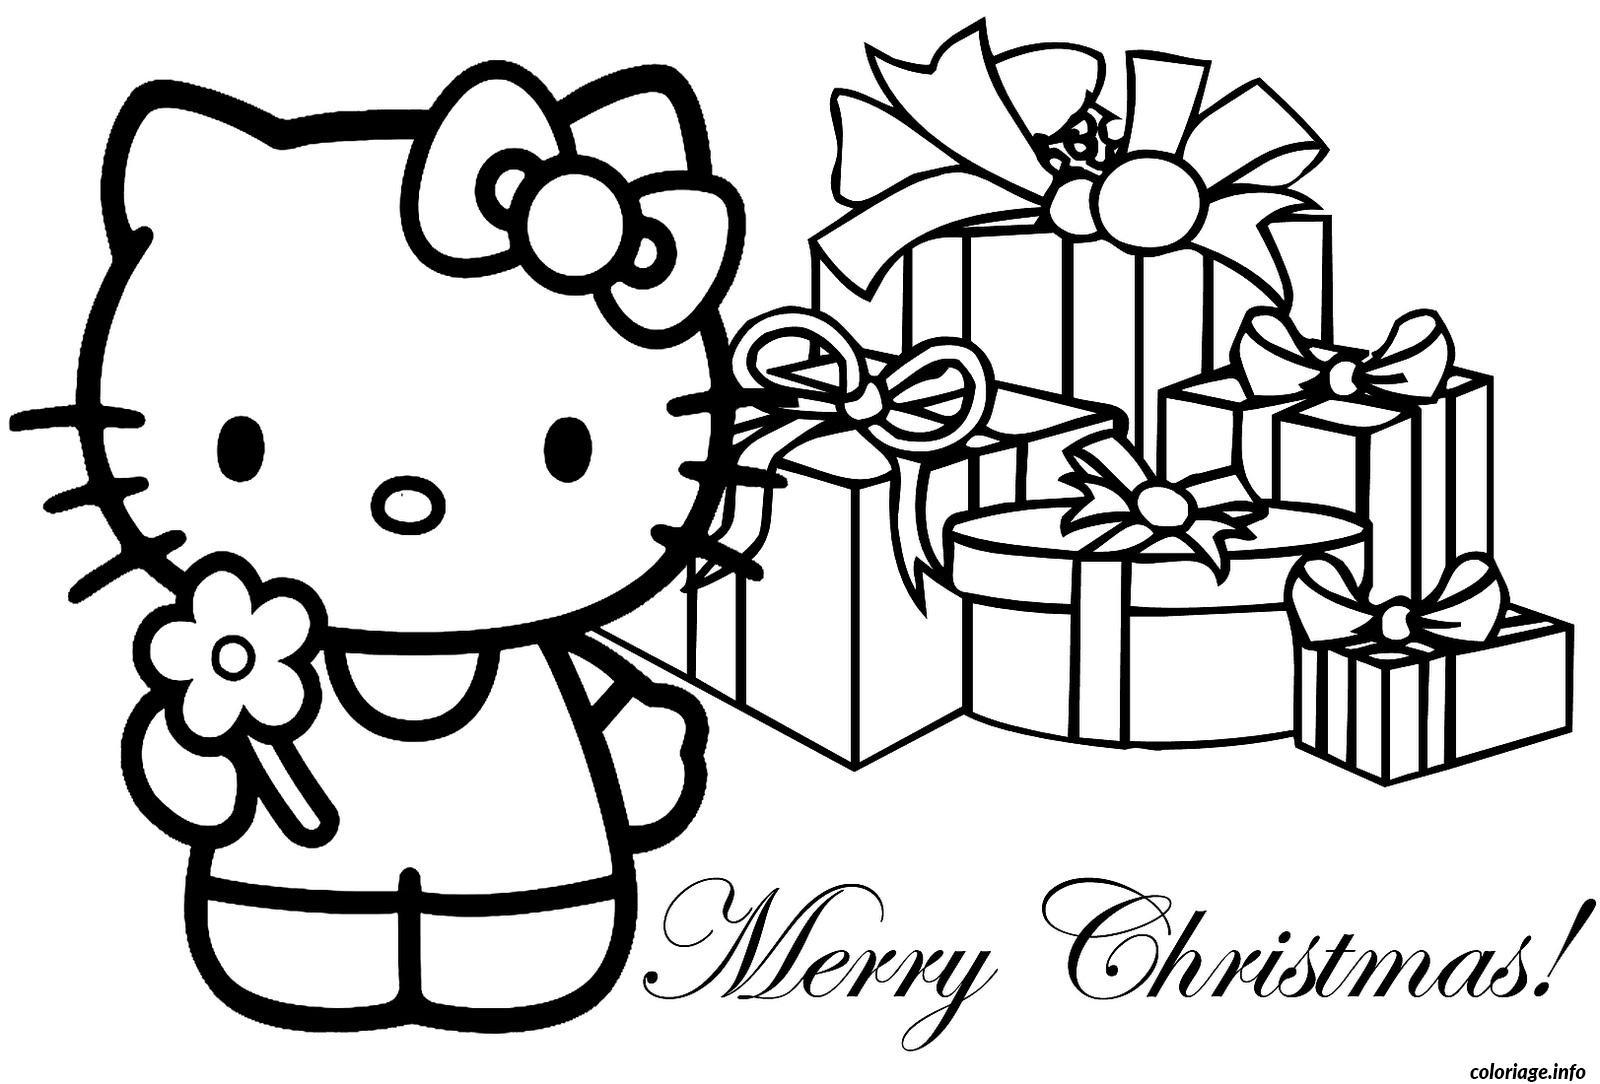 Dessin dessin hello kitty 299 Coloriage Gratuit à Imprimer